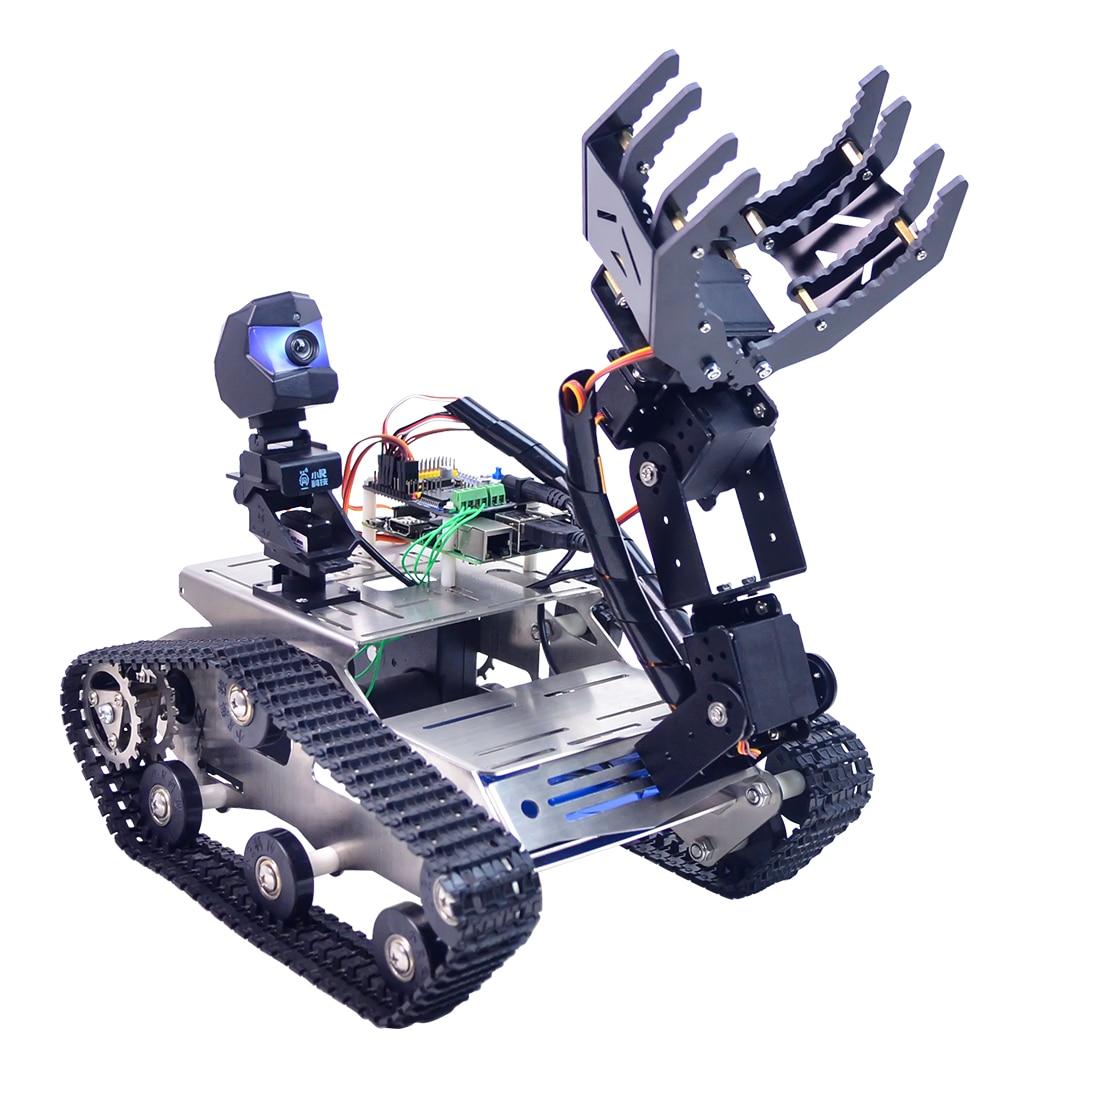 Kit Programmable de voiture de Robot de réservoir de FPV de Bluetooth de WiFi avec le bras pour la méga-ligne de patrouille d'arduino Version d'évitement d'obstacle grande